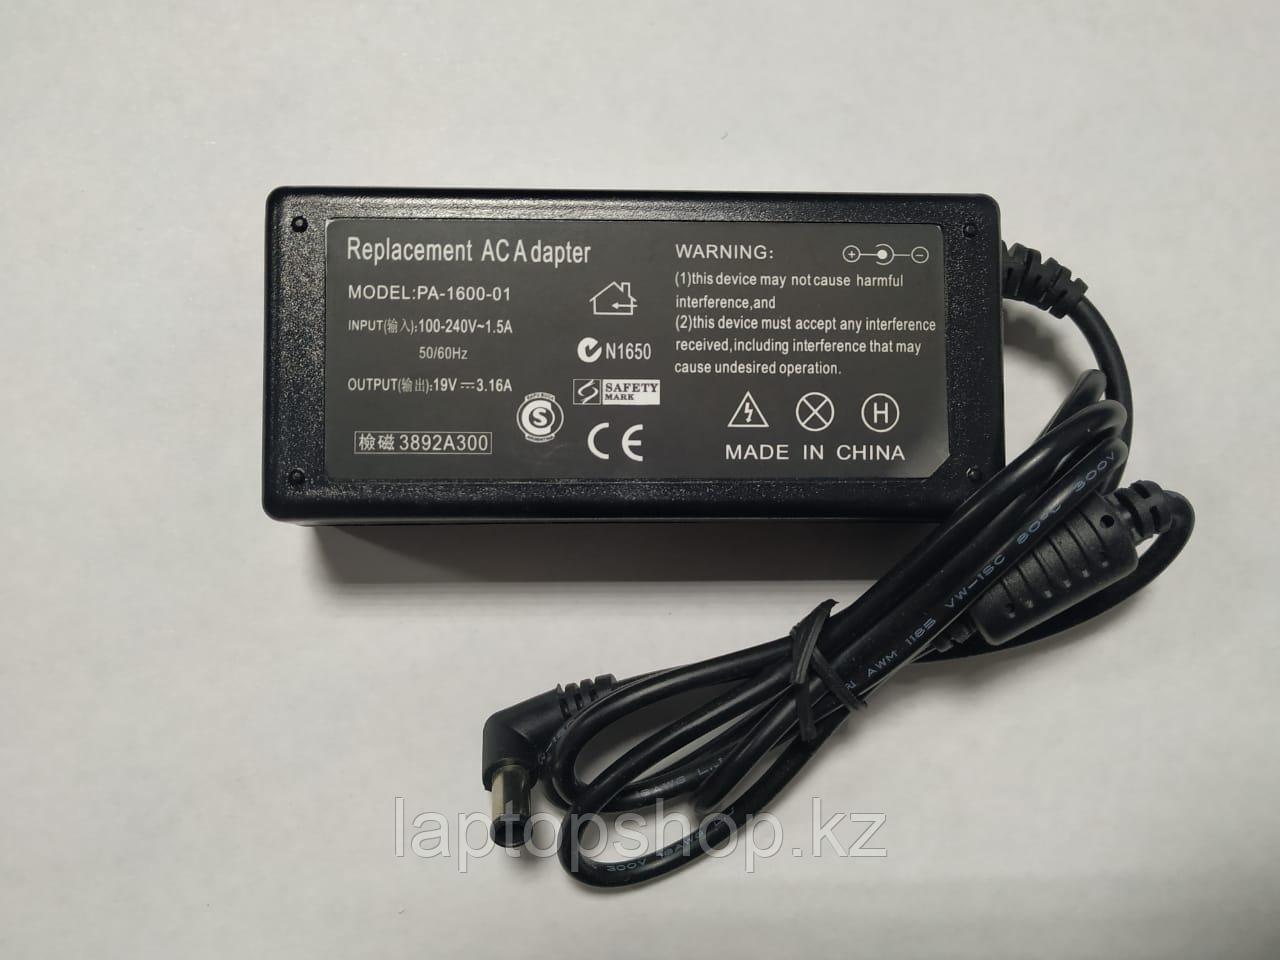 Блок питания для ноутбуков FUJITU PA-1600 19V 3.16A 60W 6.0*4.0